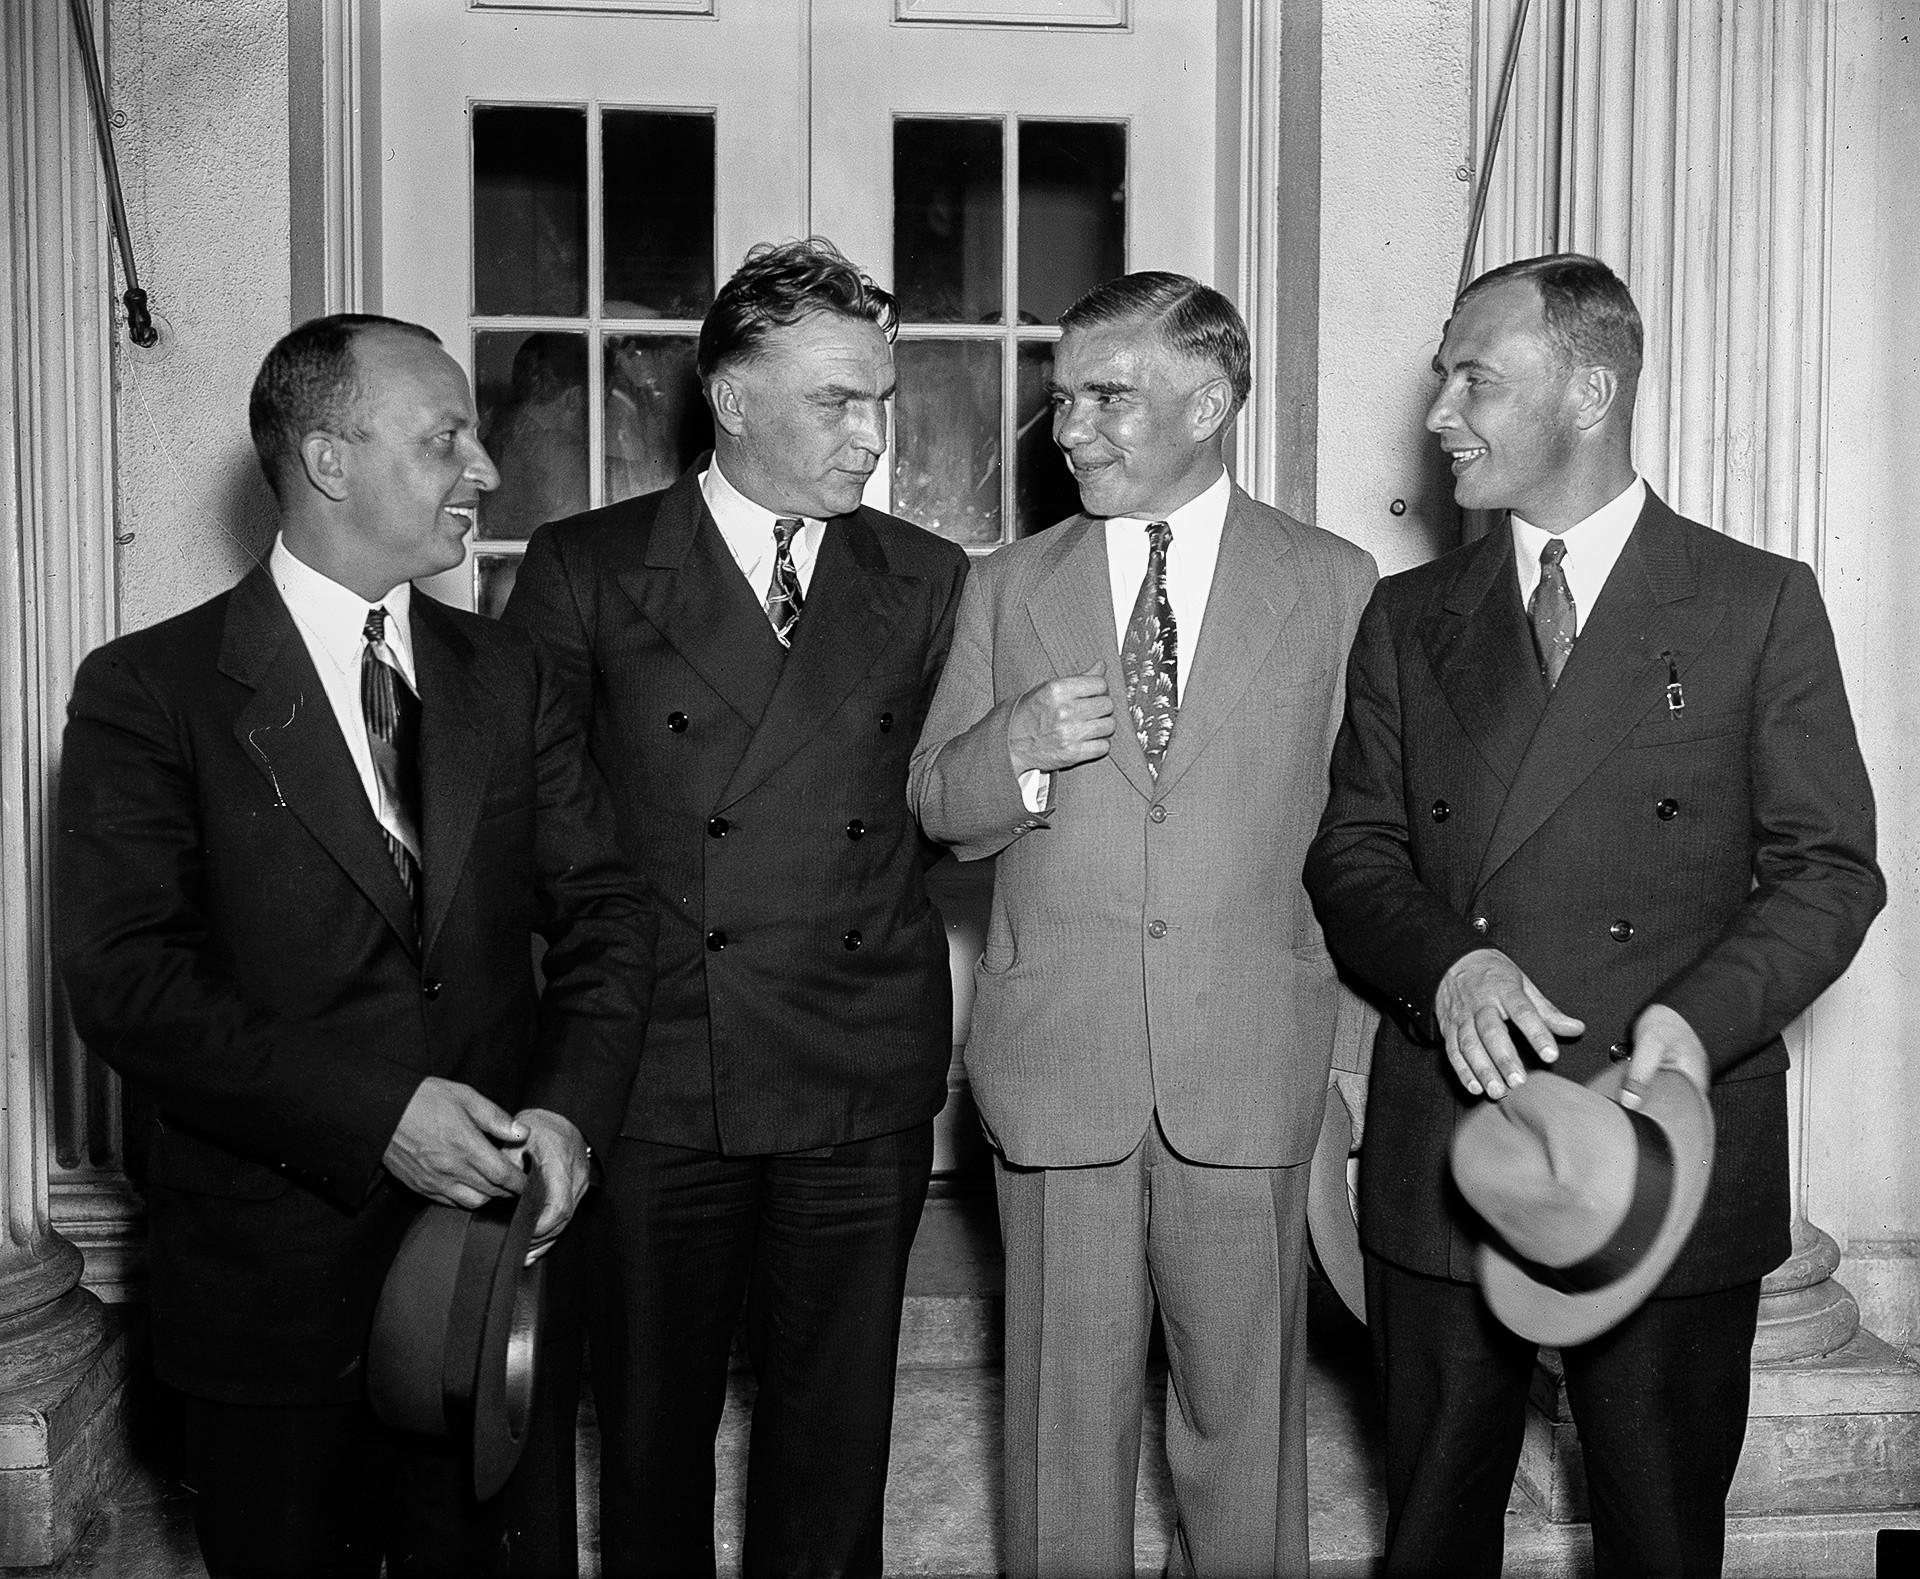 フランクリン・D・ルーズベルト大統領に迎えられたゲオルギー・バイドゥコフ、ヴァレリー・チカロフ、在米国ソ連大使、アレクサンドル・べリャコフ(左から右)がホワイトハウスを去る。